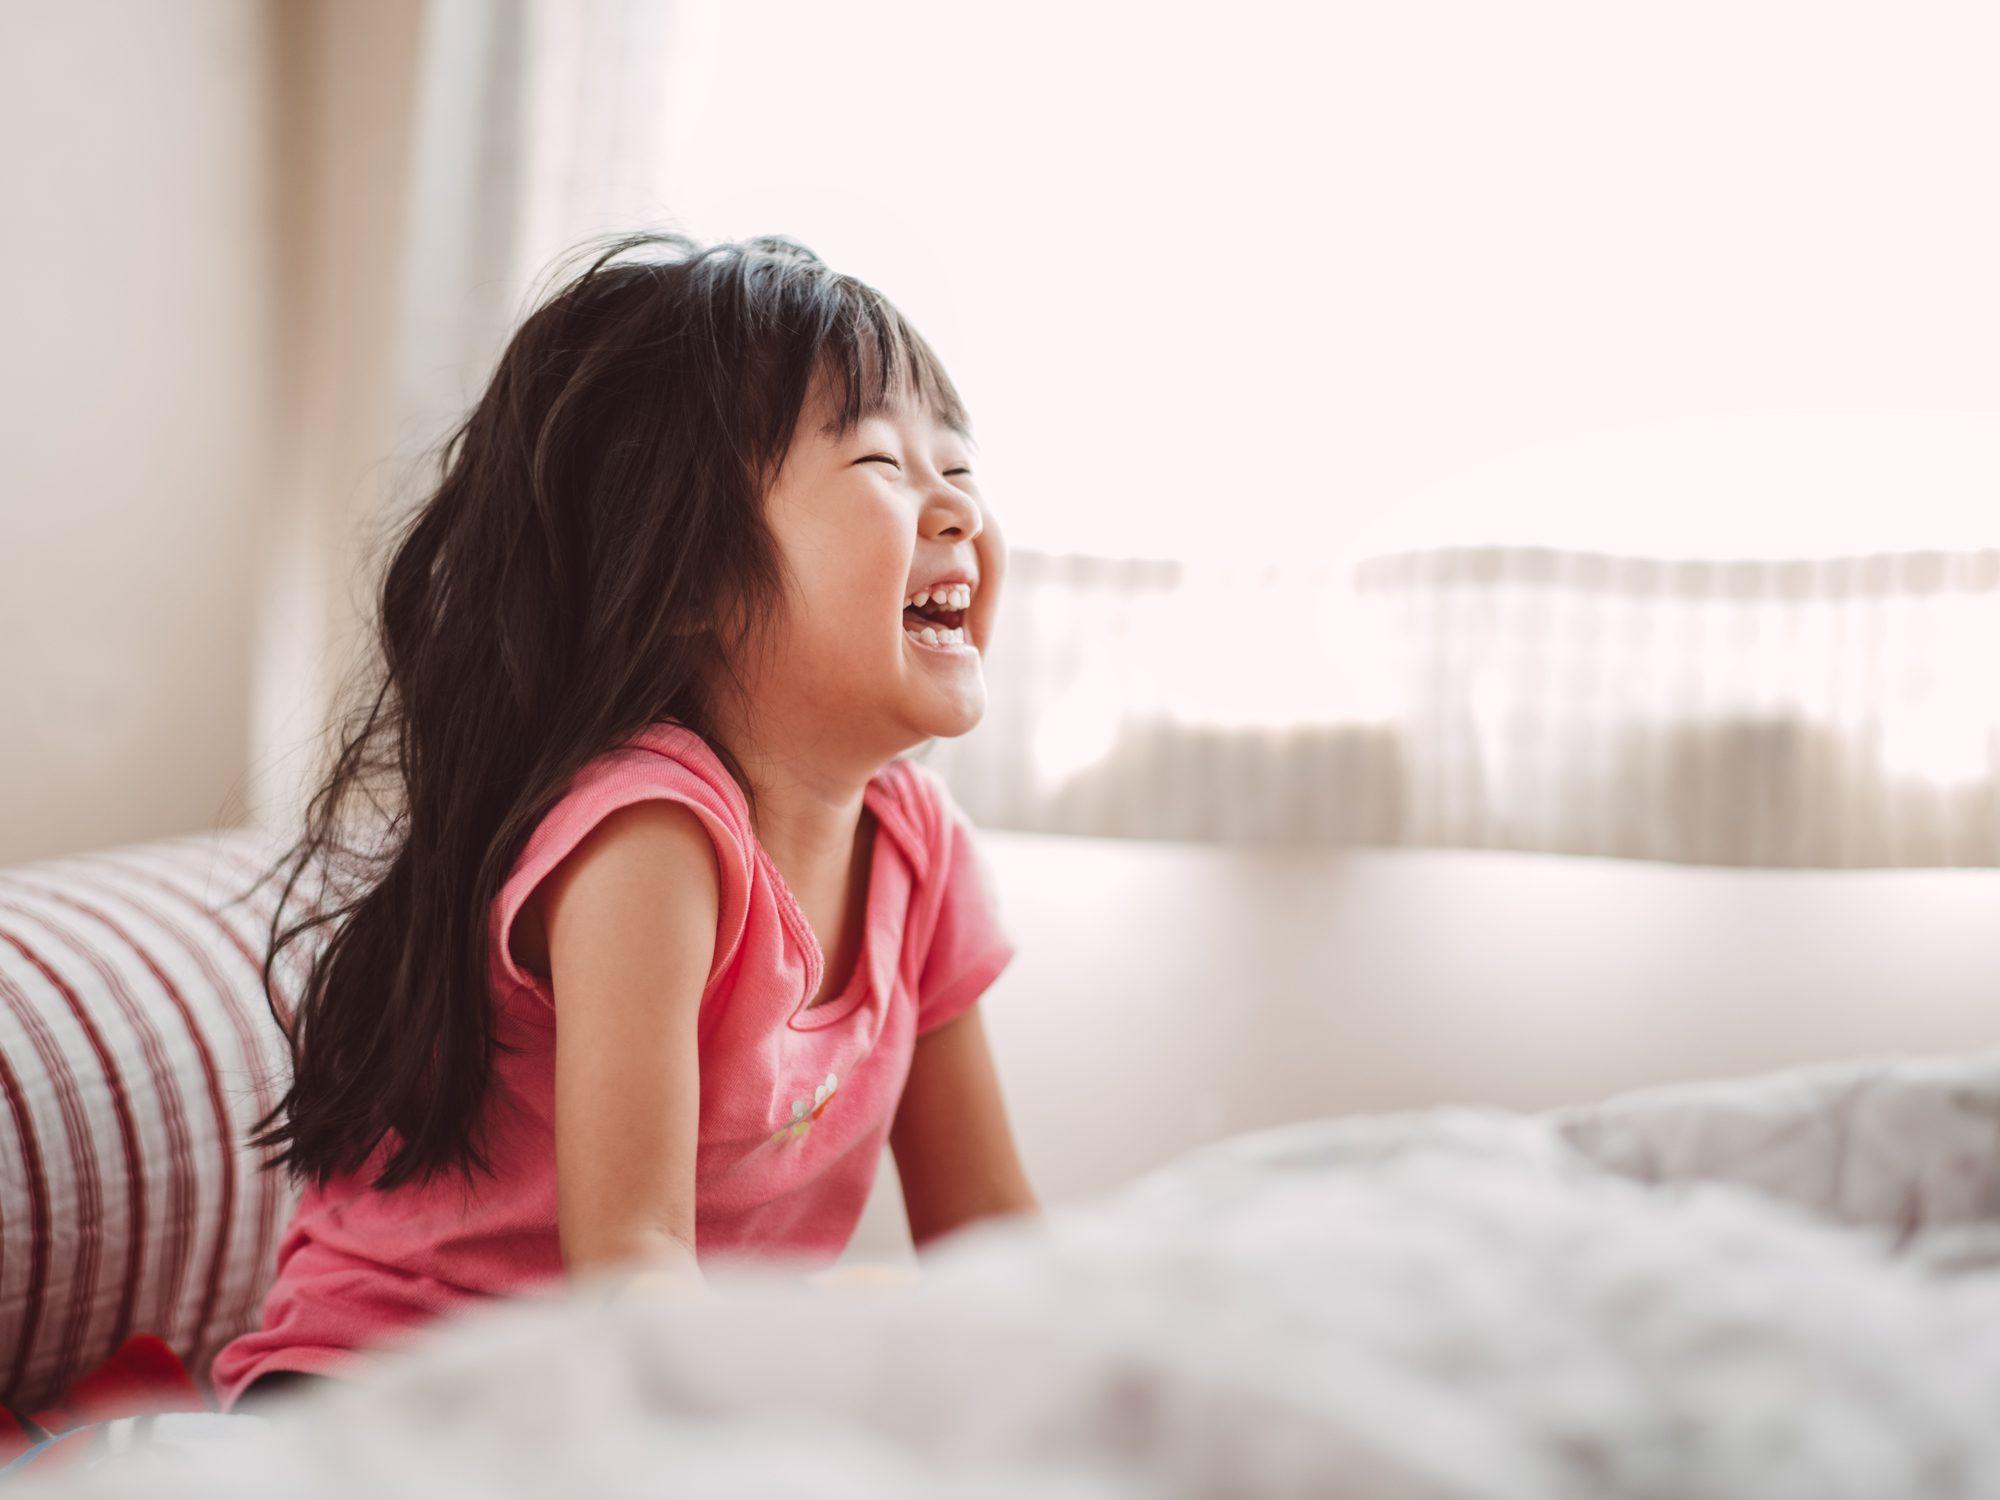 Little girl laughing joyfully in bed